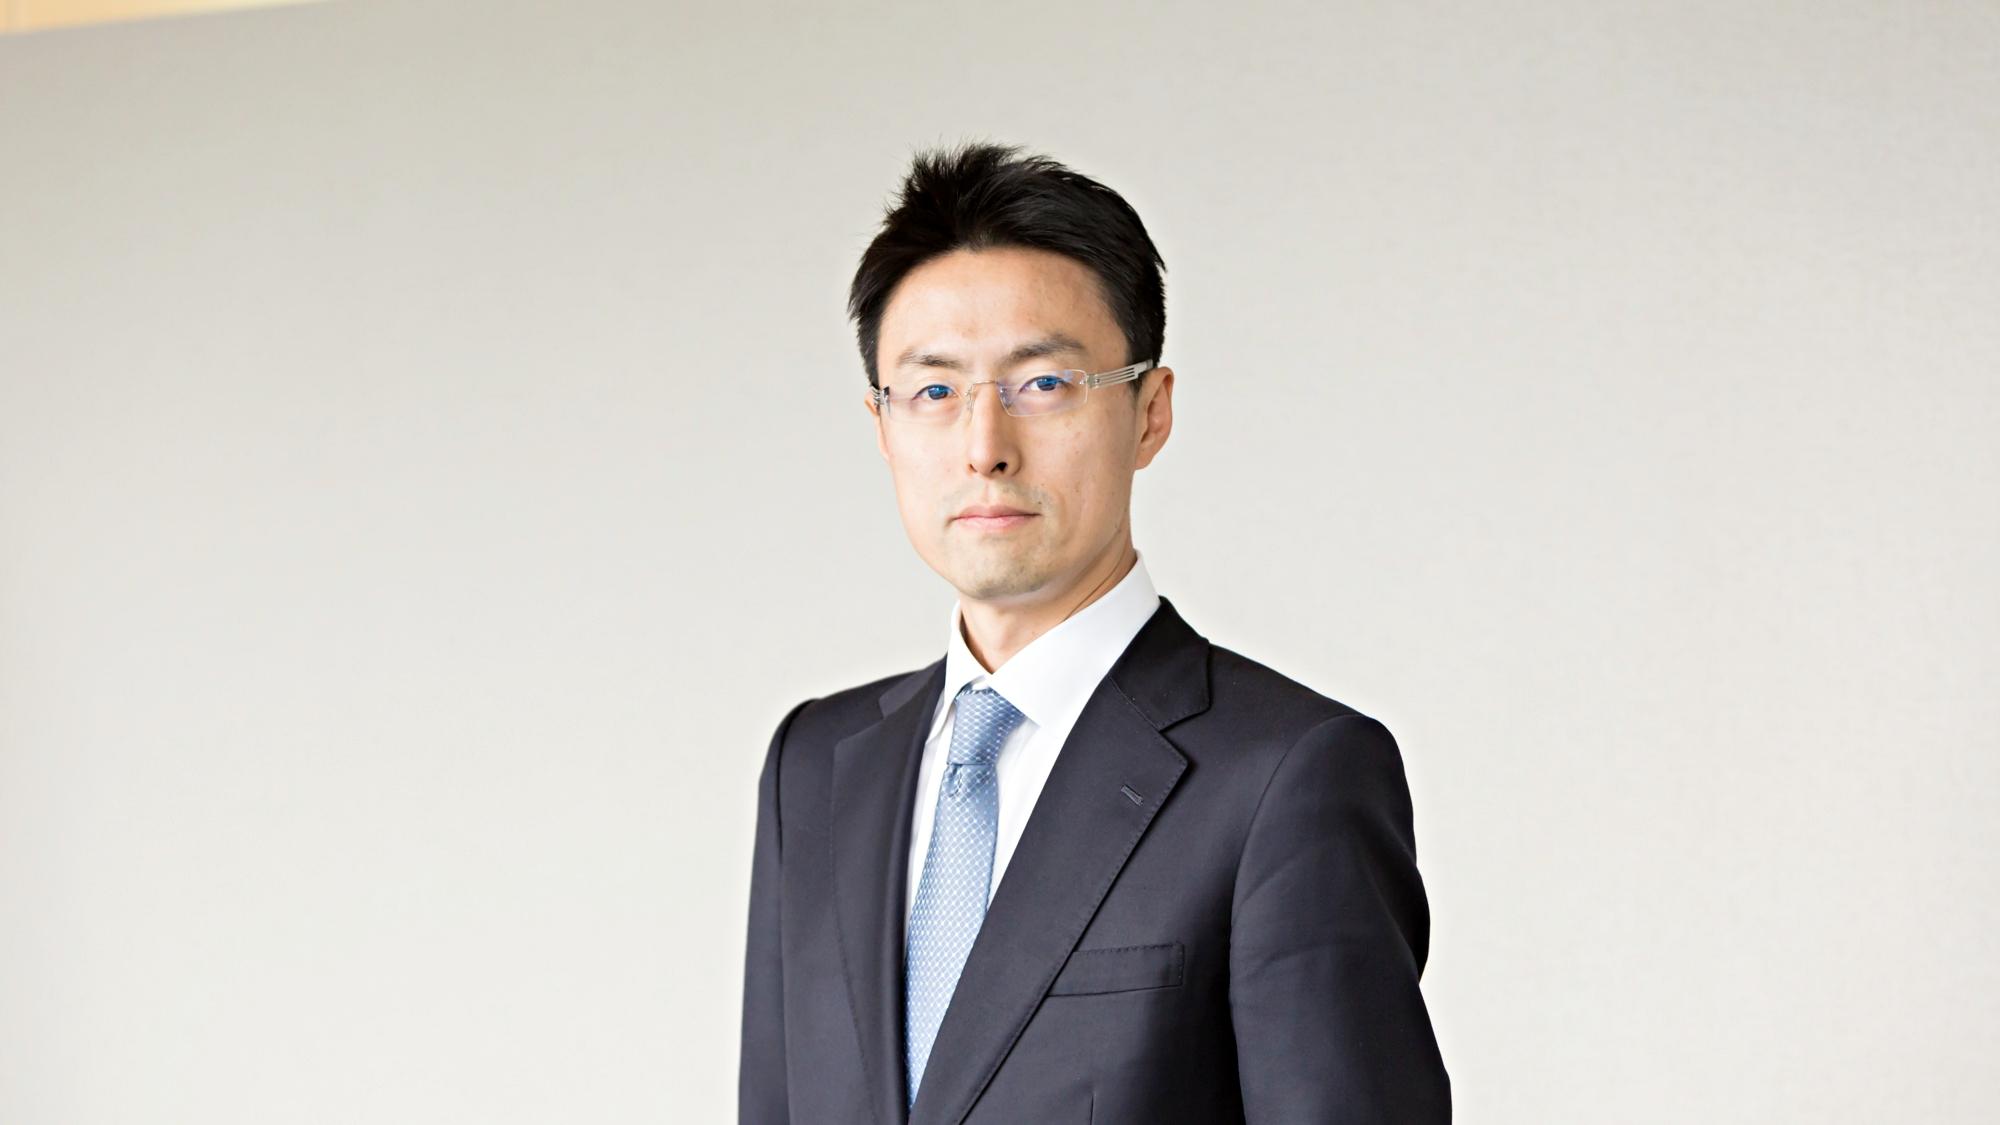 レノバ、売上予想は200億円台となる見込み 初の海外事業も具体化し洋上風力開発も順調